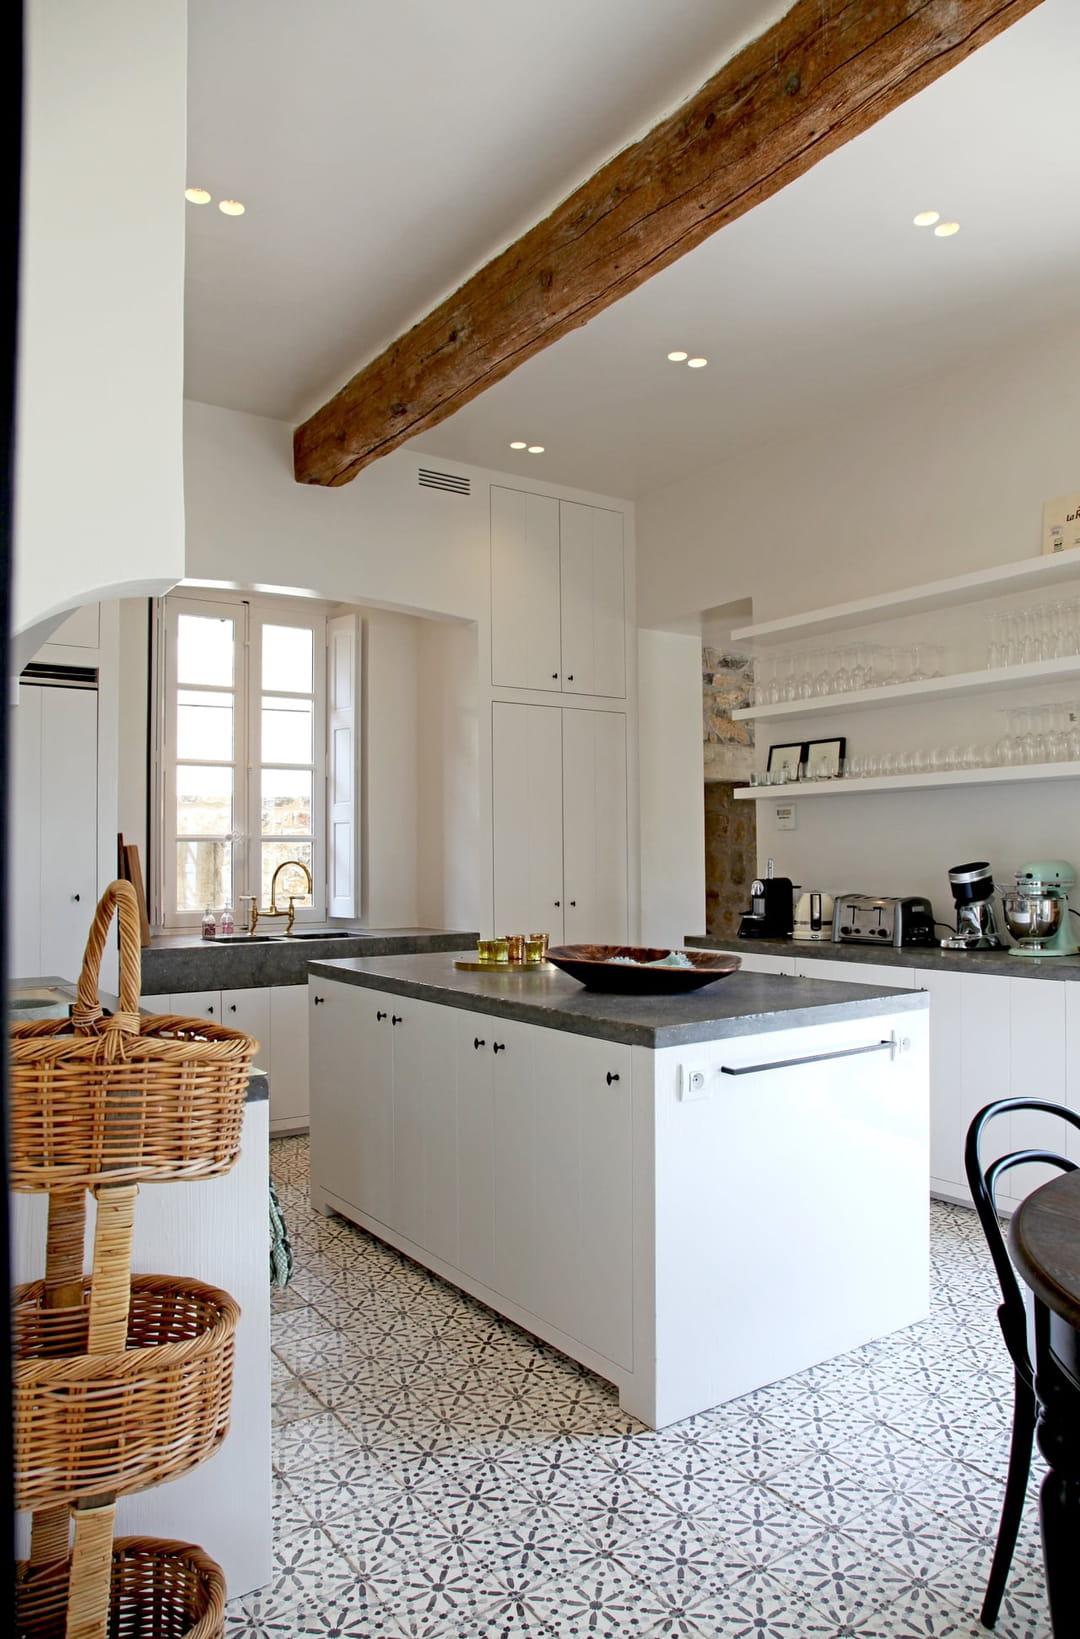 Cuisine Style Ancien comment donner le cachet de l'ancien à un intérieur récent ?